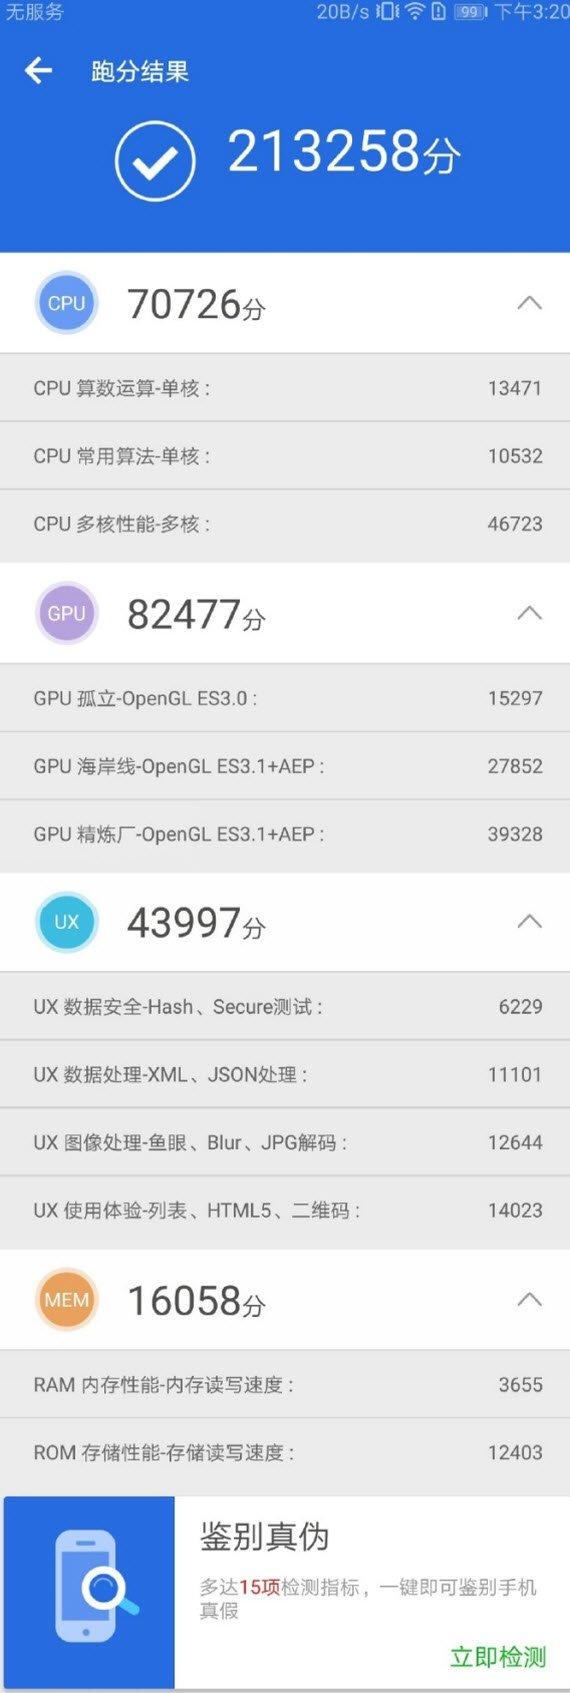 Μετρήσεις έδειξαν πως ο επεξεργαστής Kirin 970 είναι αποδοτικότερος από τον Snapdragon 845 1